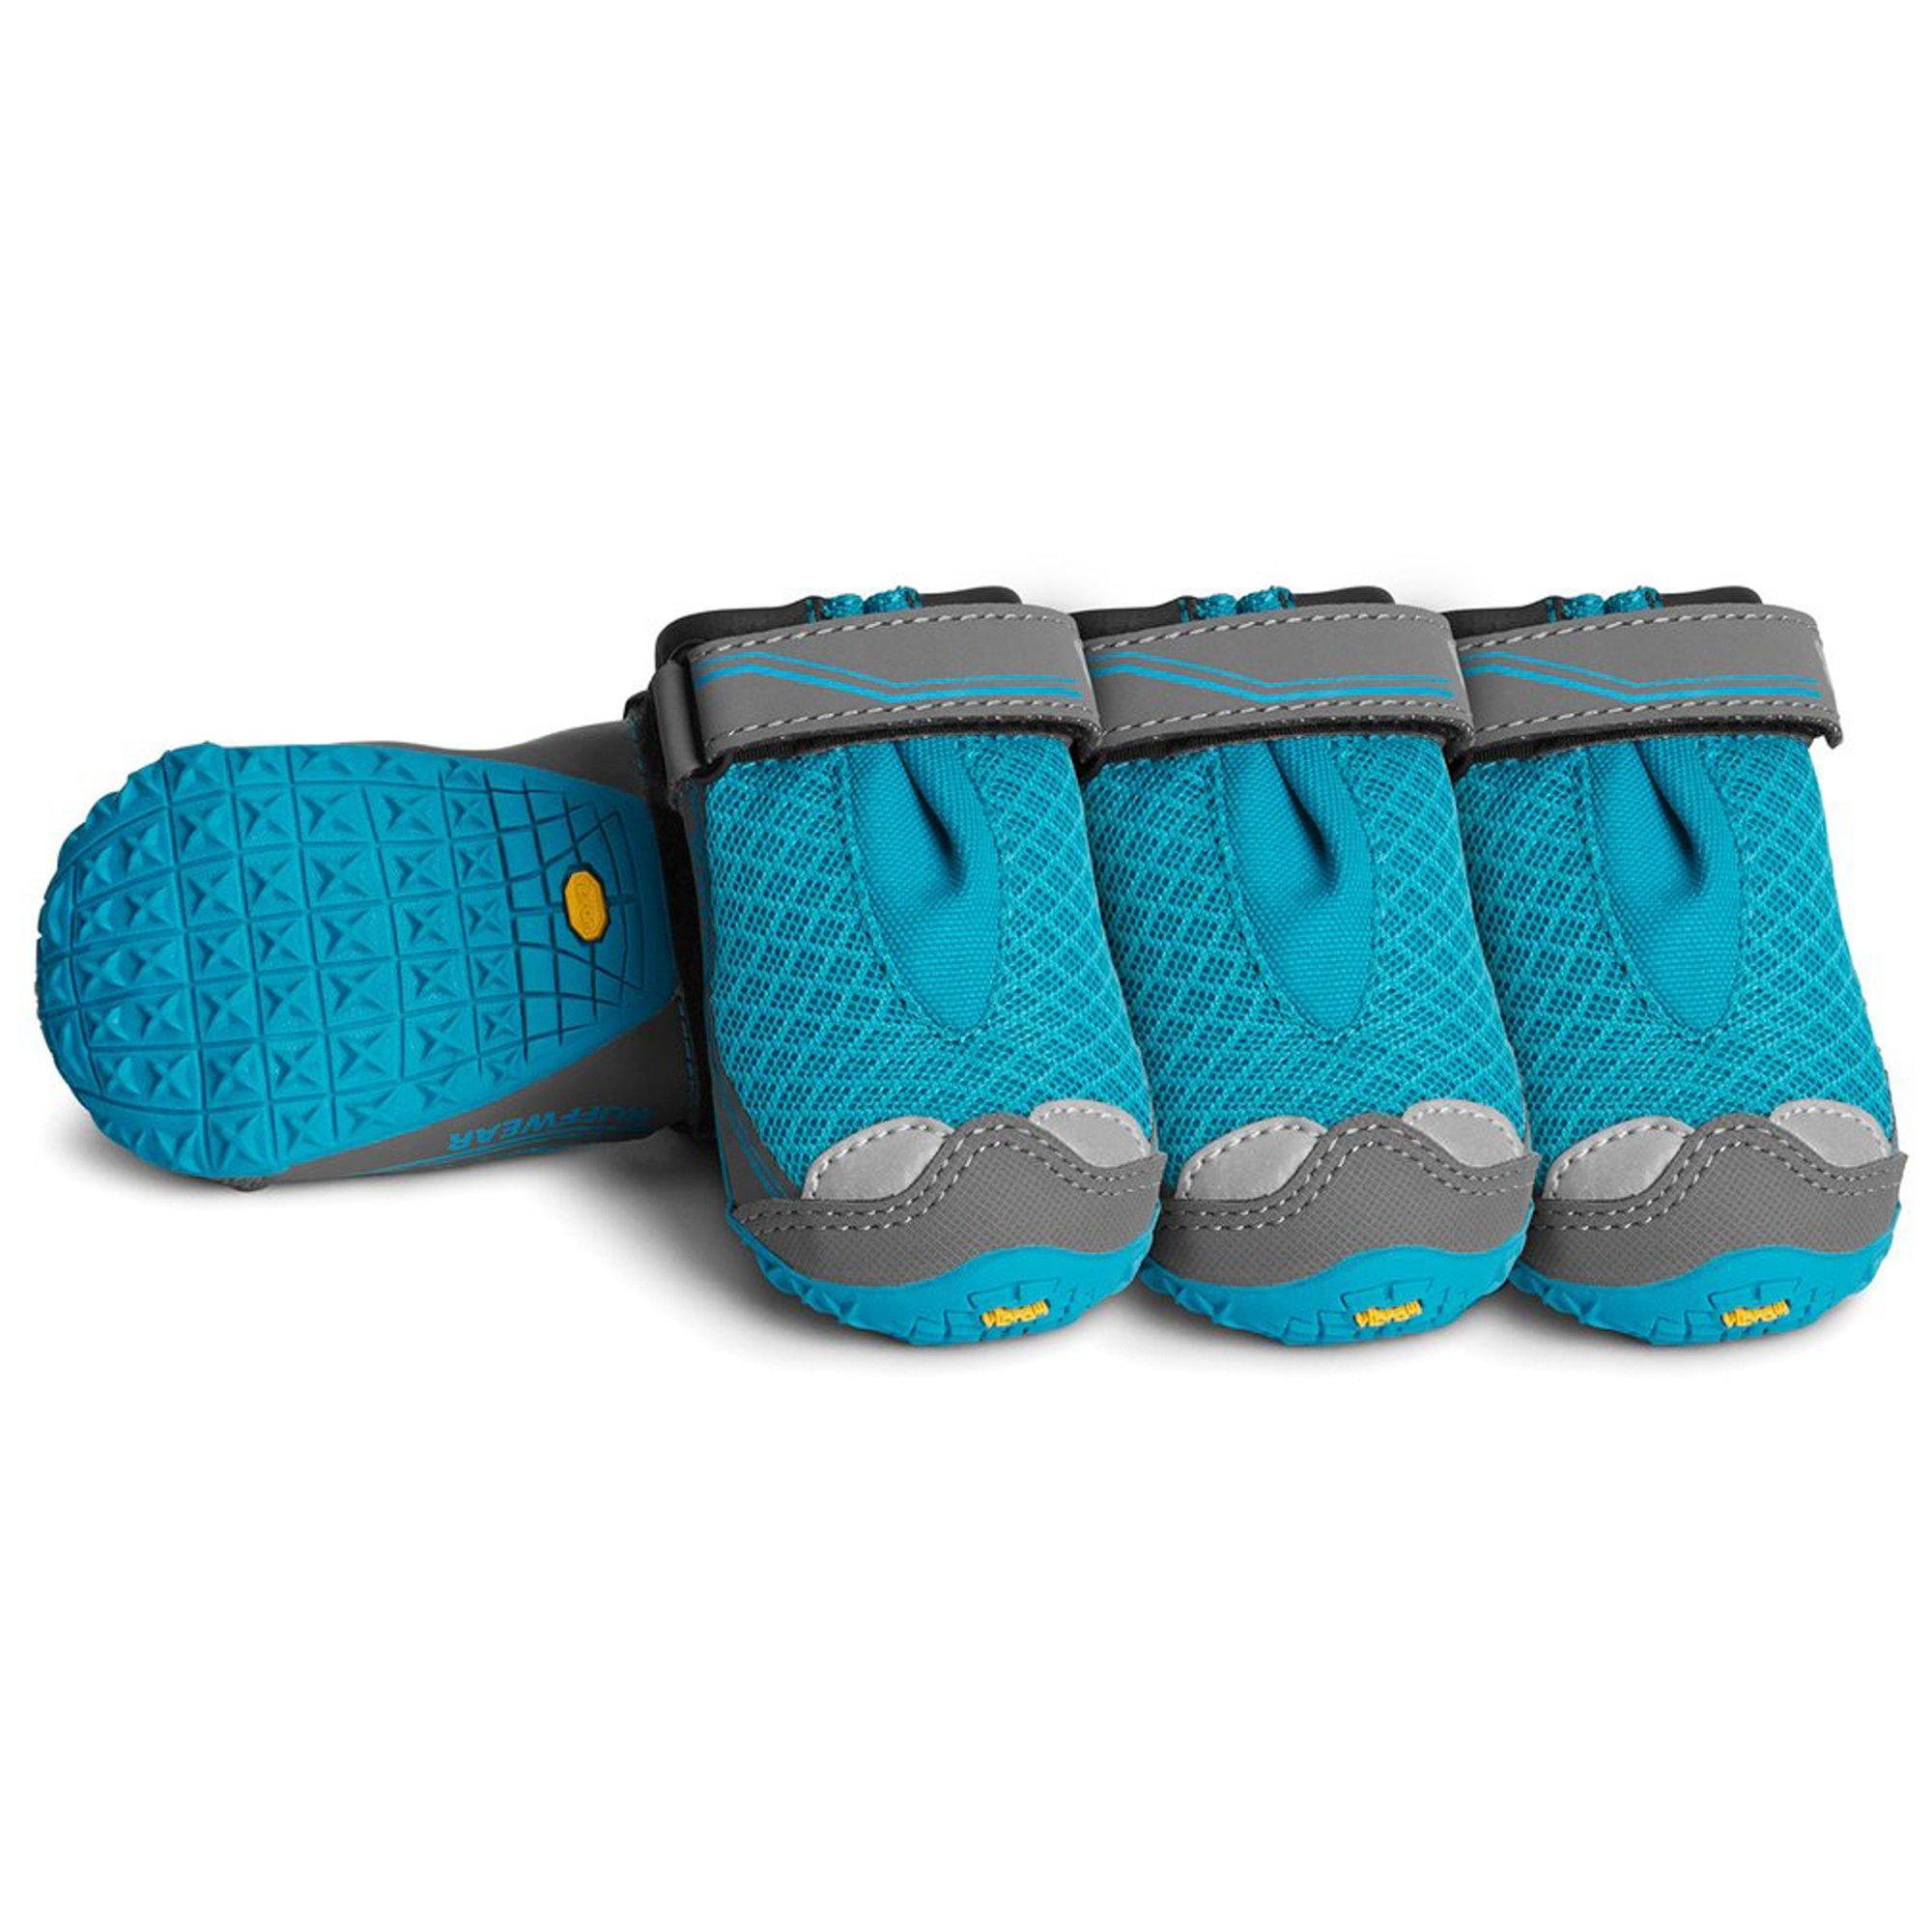 RUFFWEAR - Grip Trex, All-Terrain Paw Wear for Dogs, Blue Spring, 1.5 in (Set of 4)